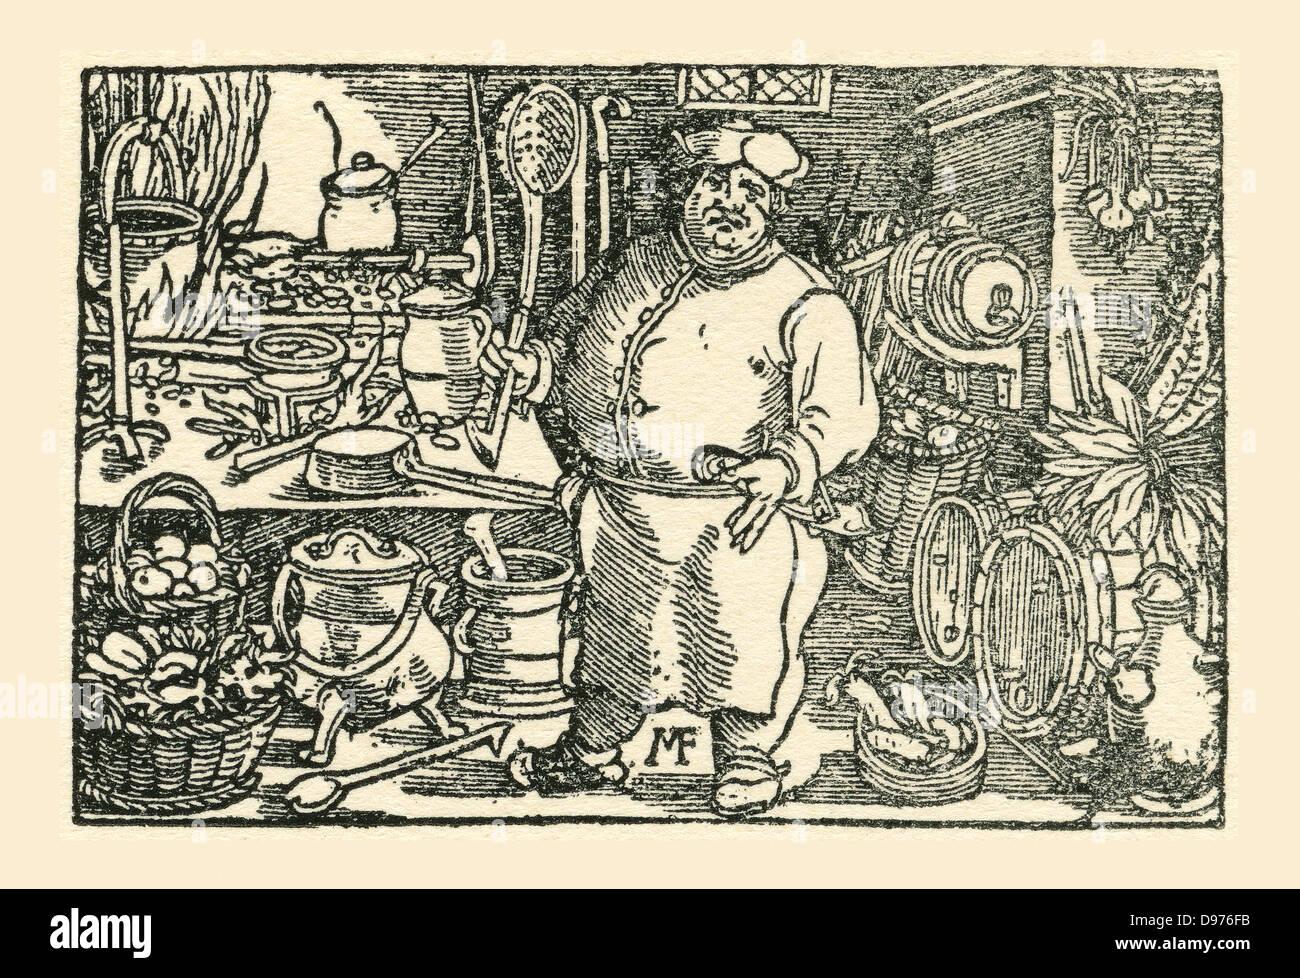 Un chef de la période Tudor en Angleterre. À partir d'une impression contemporaine. Photo Stock